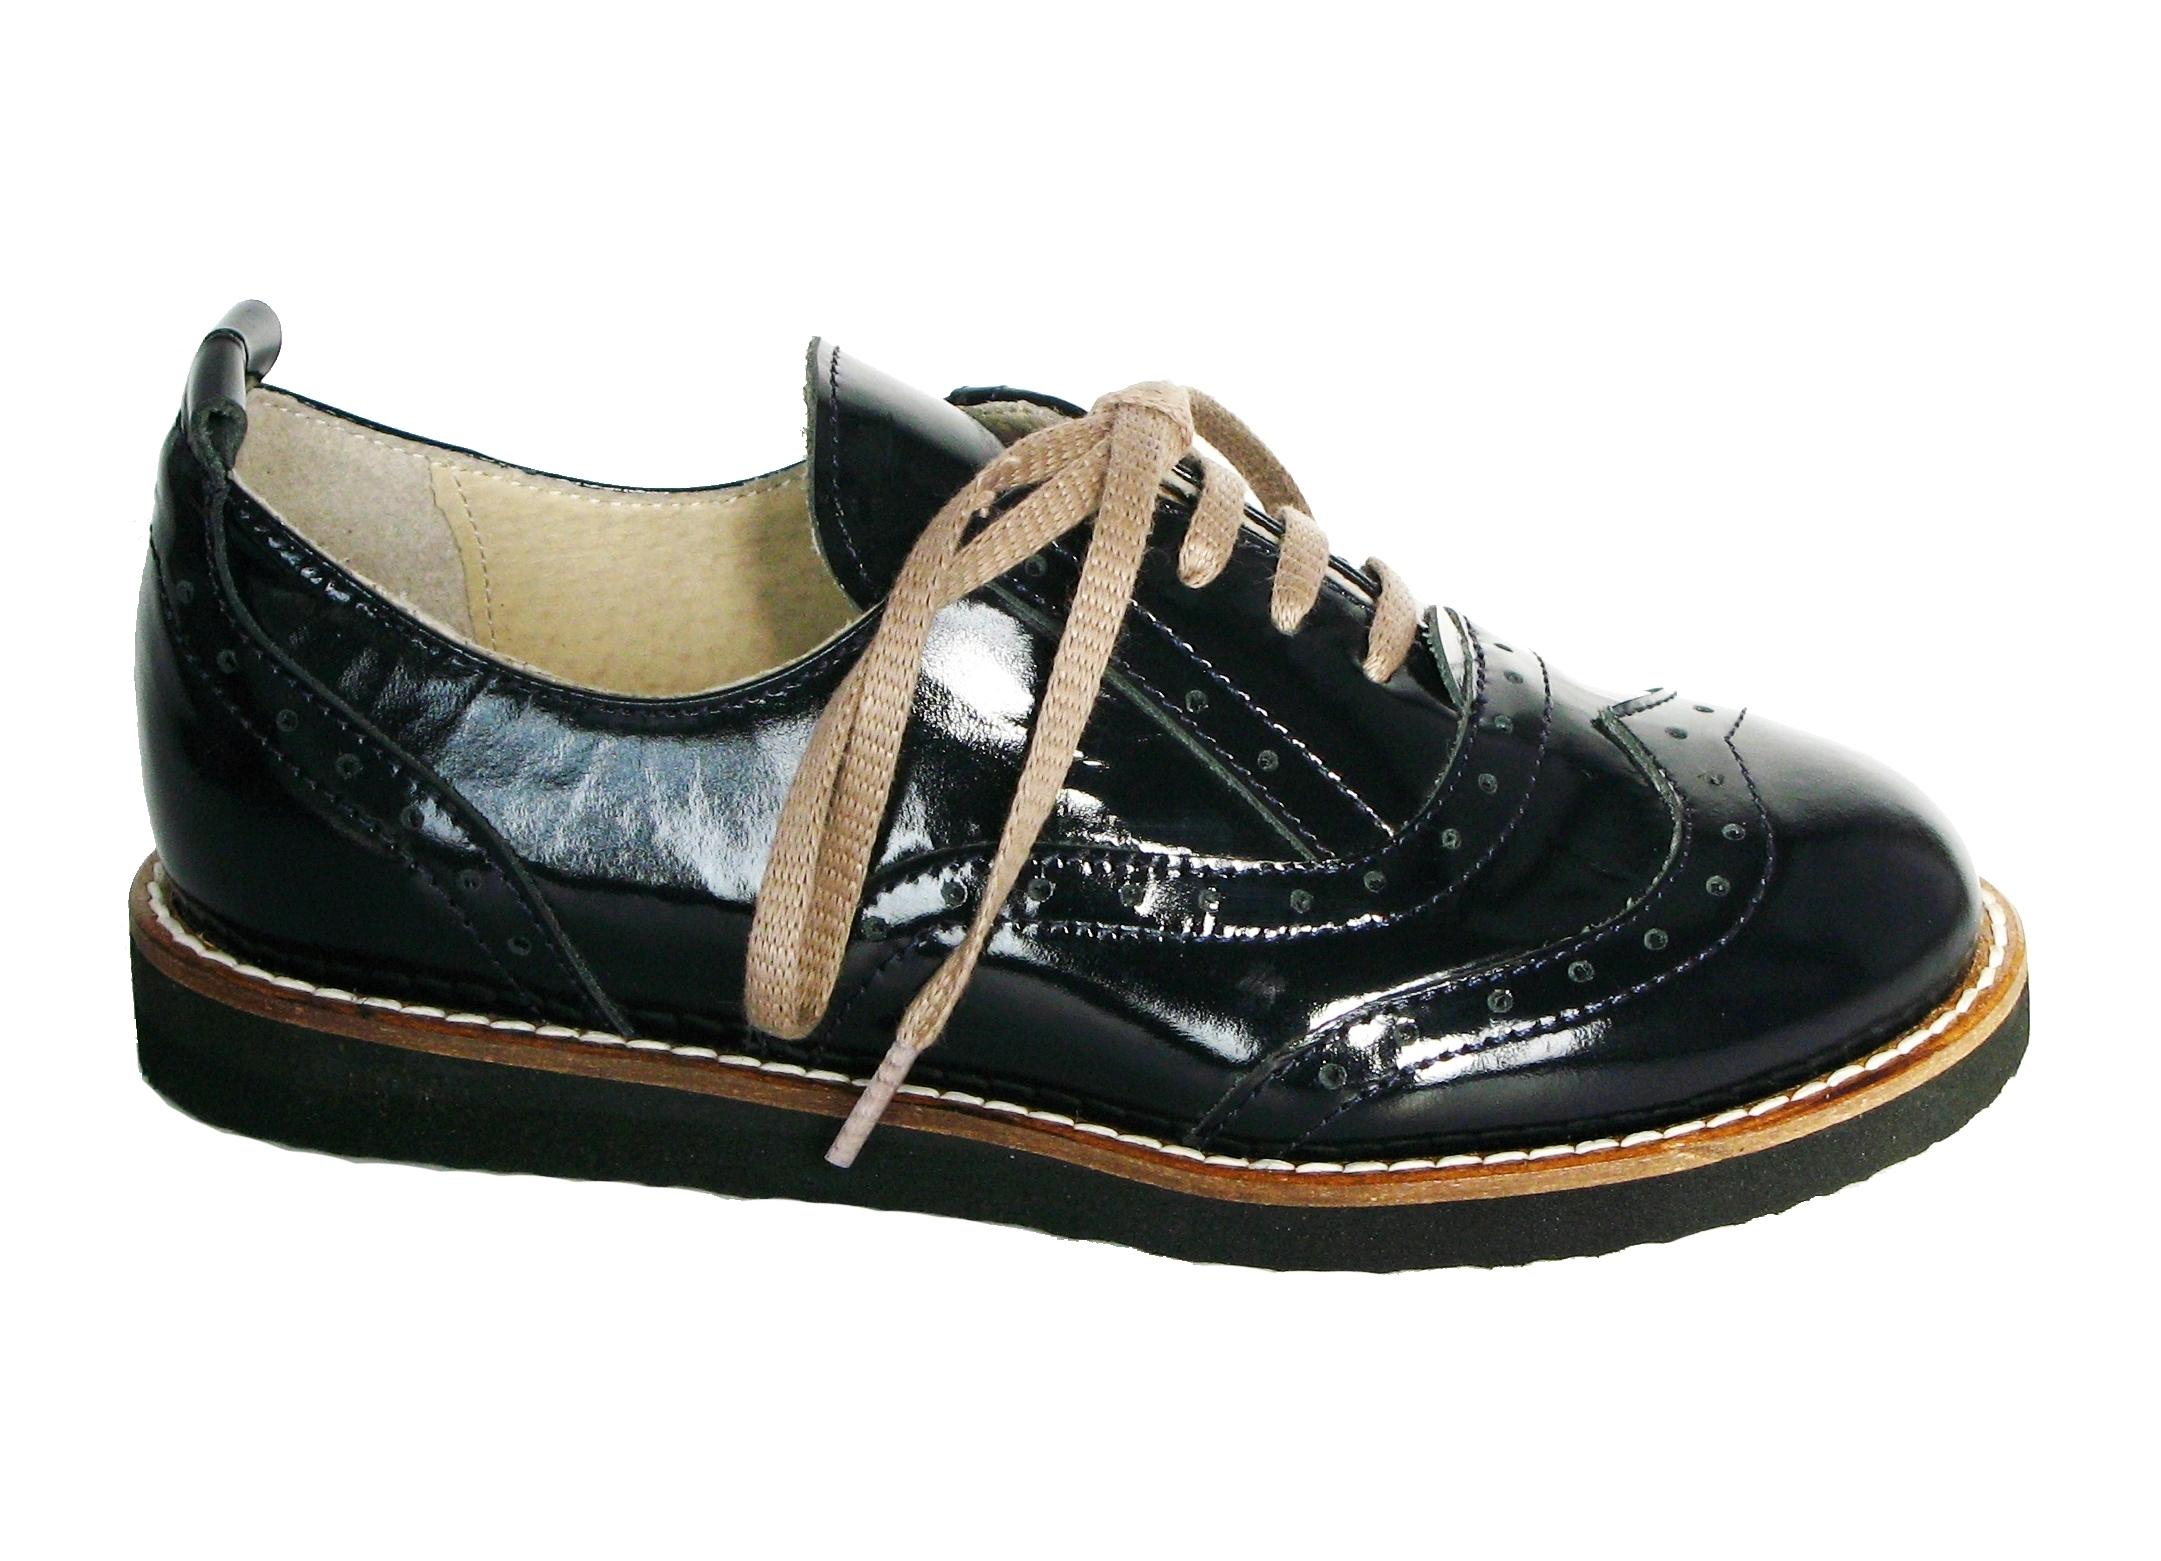 Черевики Giorgio Vito купити в Луцьку - Товари - Брендове взуття ... 554582acd65ef